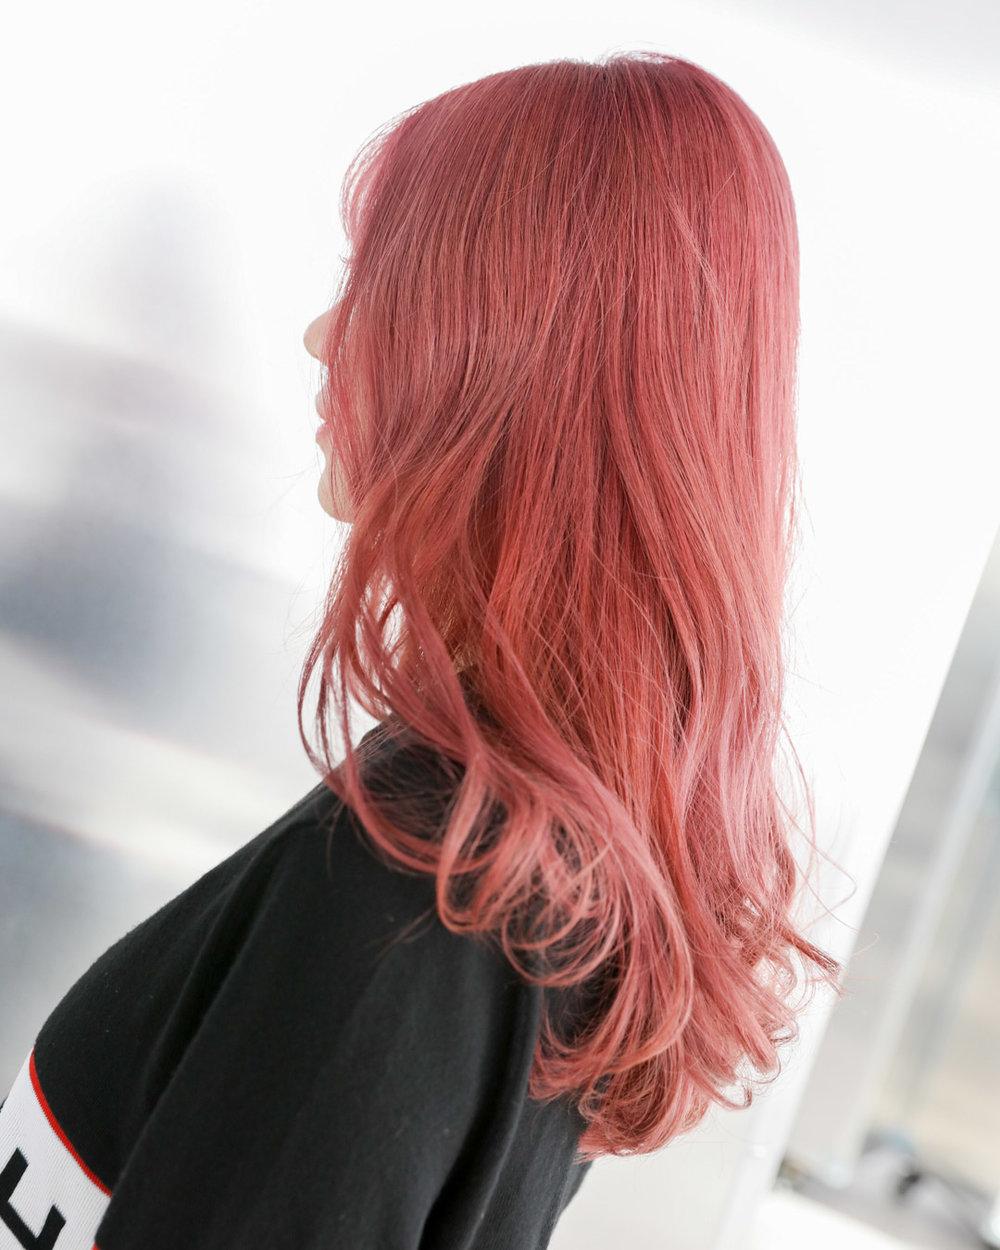 deep peach pink - MENUWhole-head bleach, Colour, Cut and stylePRICEapprox. $690(Whole-head bleach long $350, Second bleach $80, Colour long $190+, Cut from $70)TIMEapprox. 4.5-5 hours